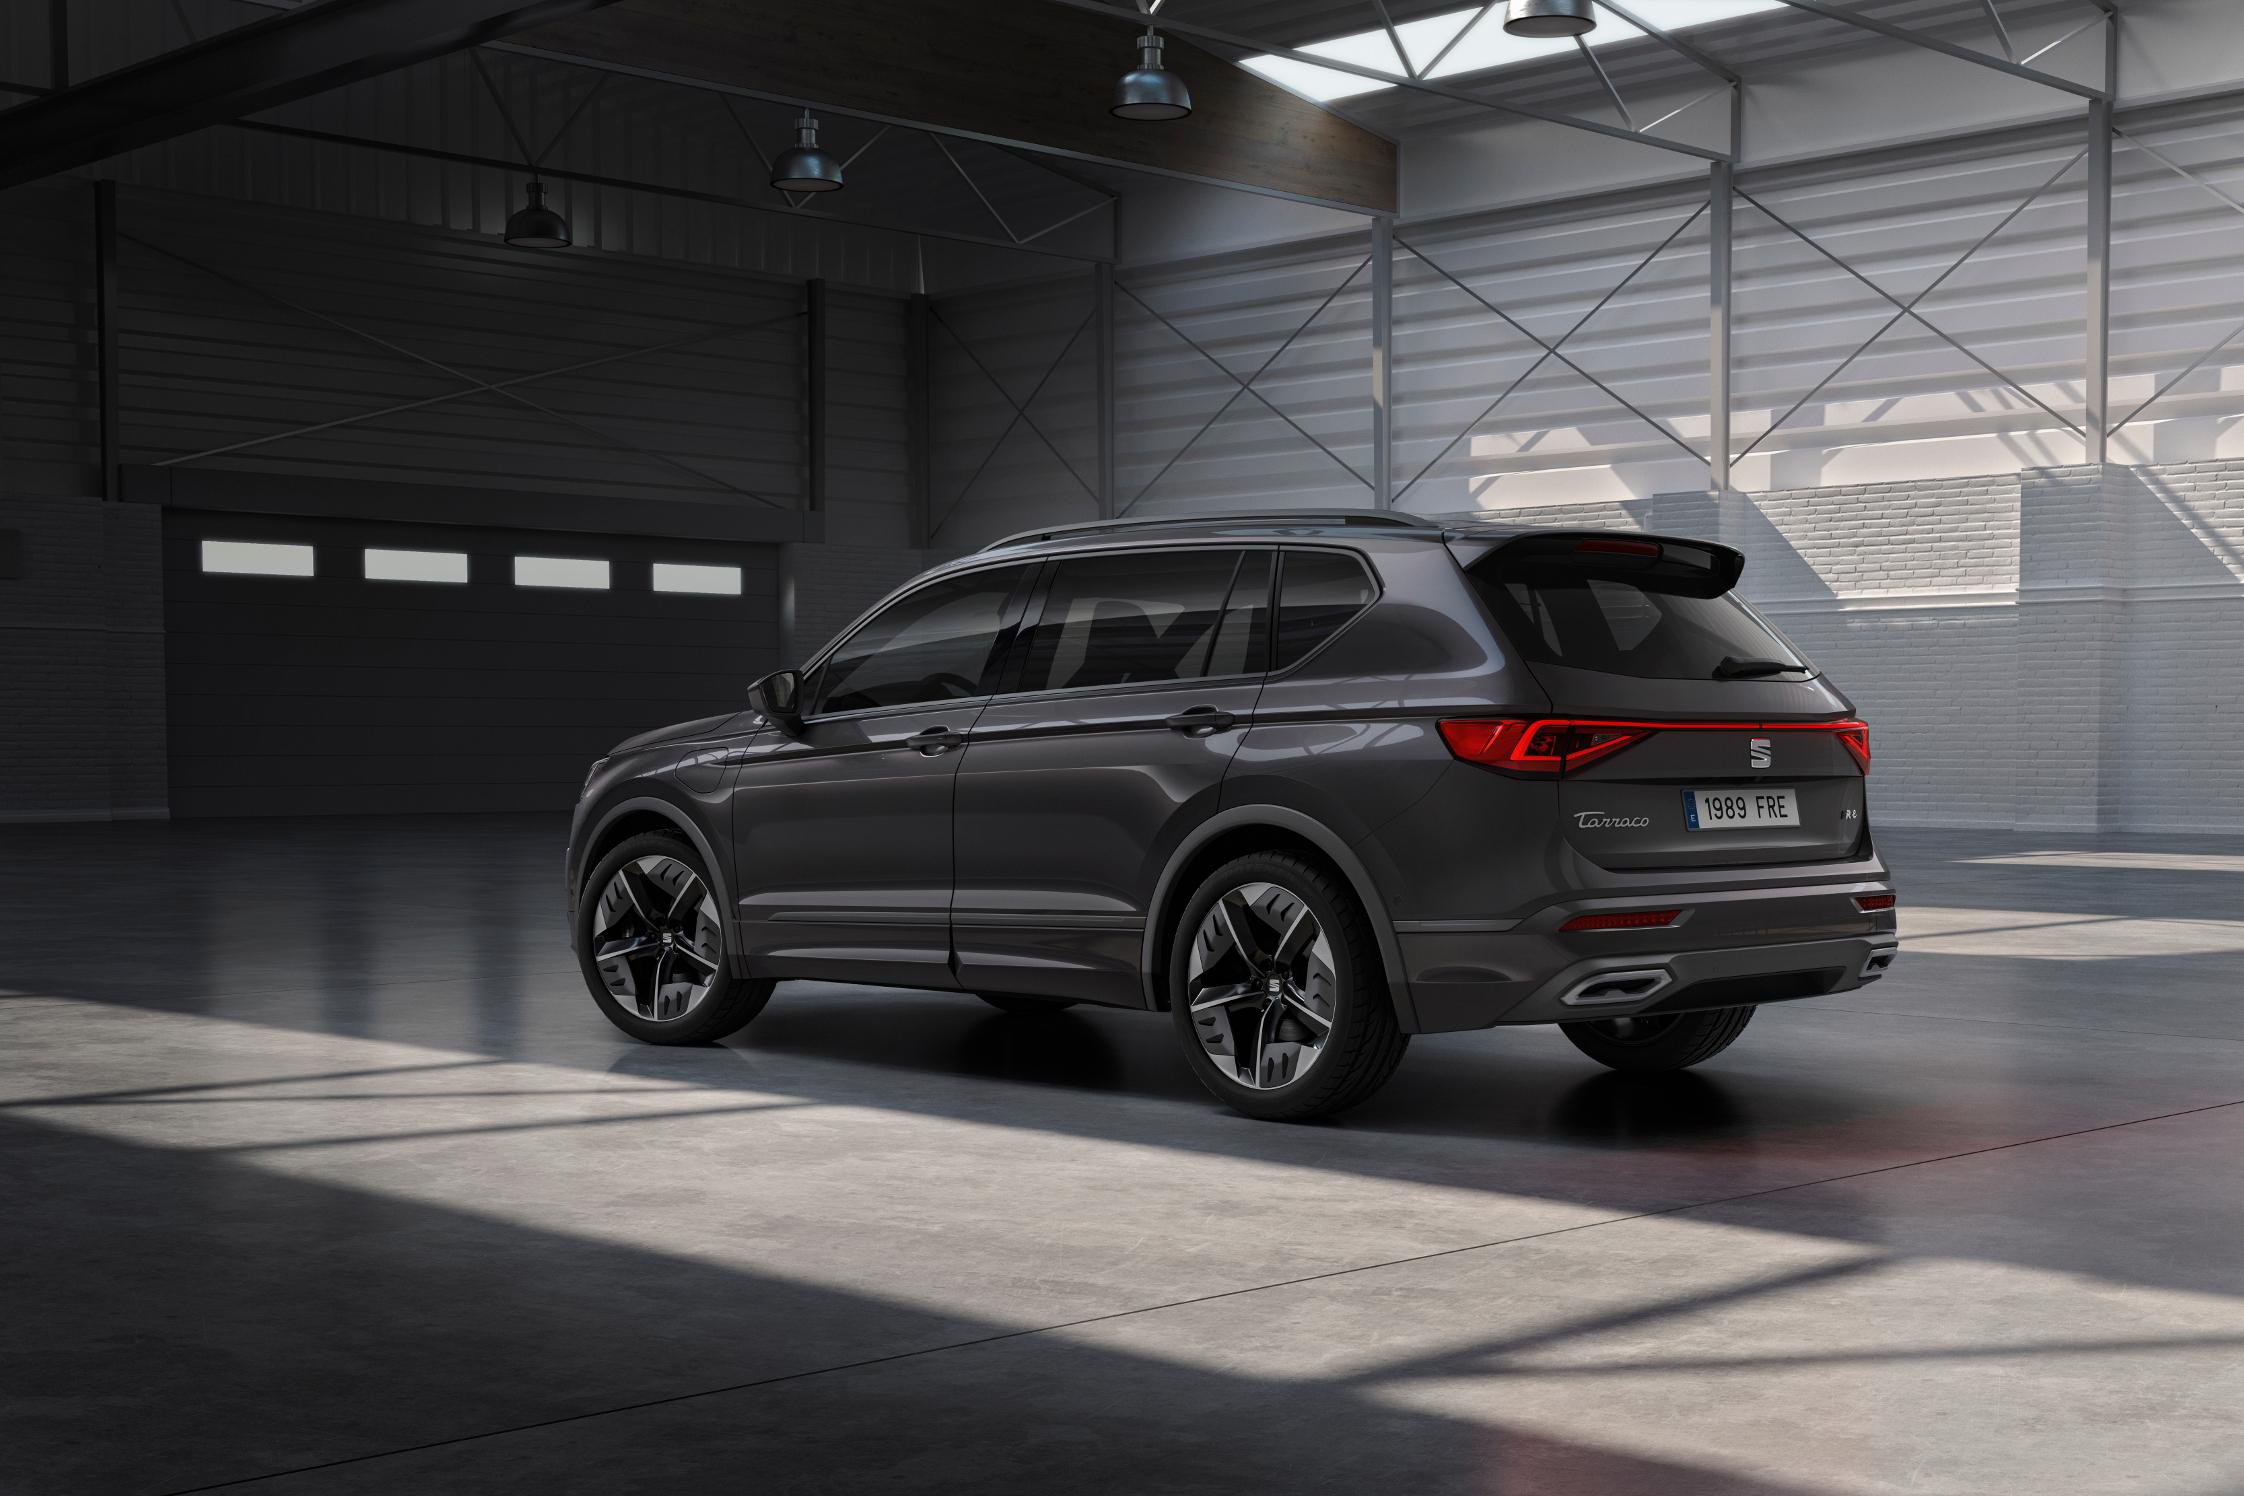 Nuova Seat Tarraco 2020 arriva il SUV ibrido plug-in da 245CV